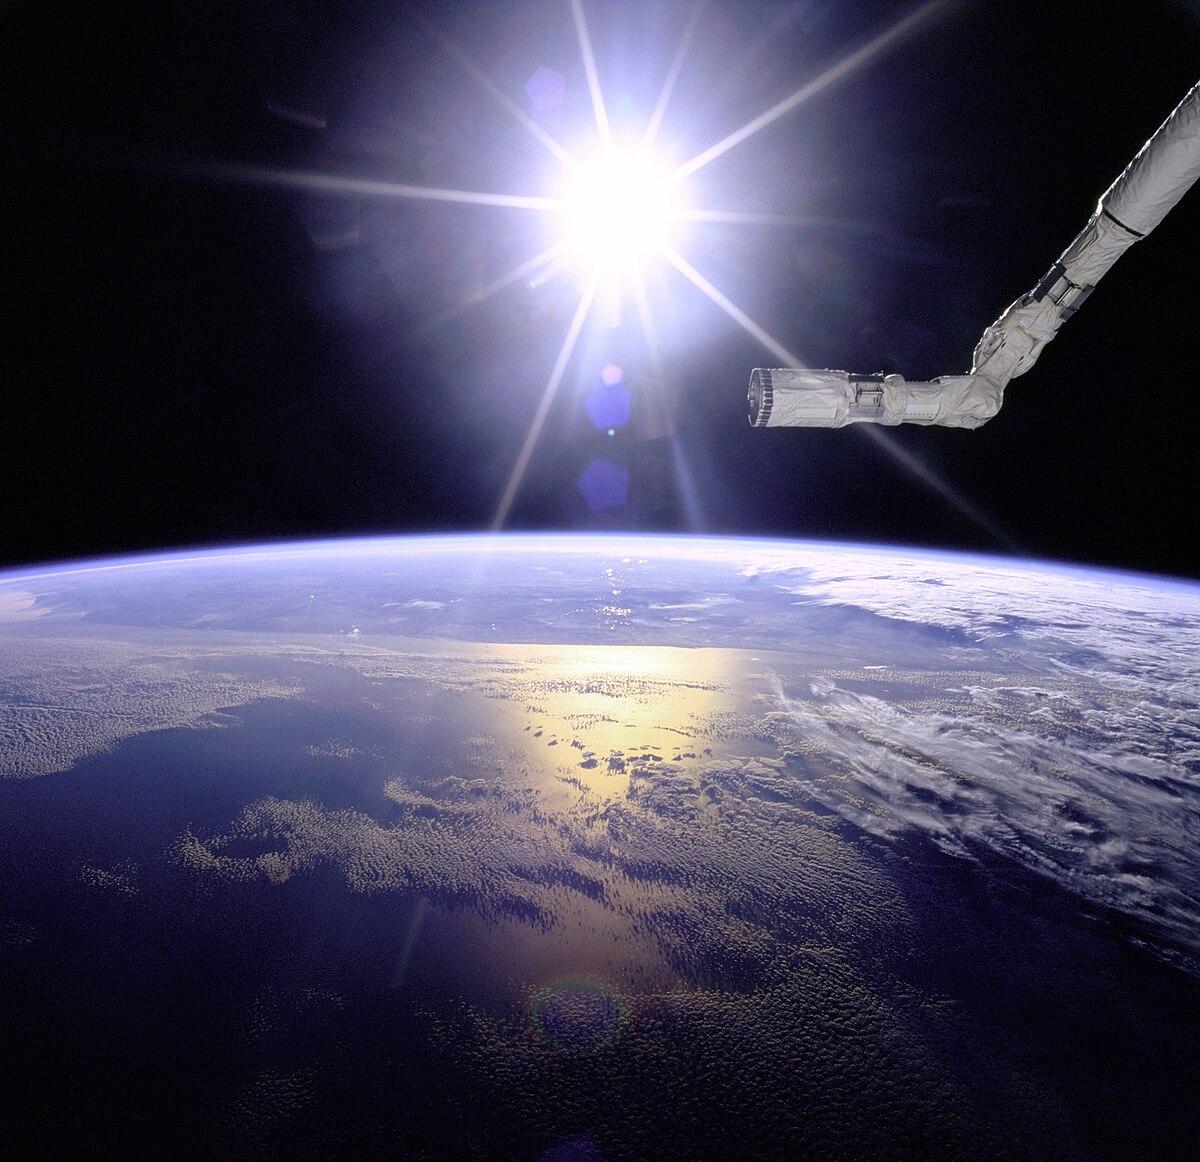 Energía solar espacial - Wikipedia, la enciclopedia libre